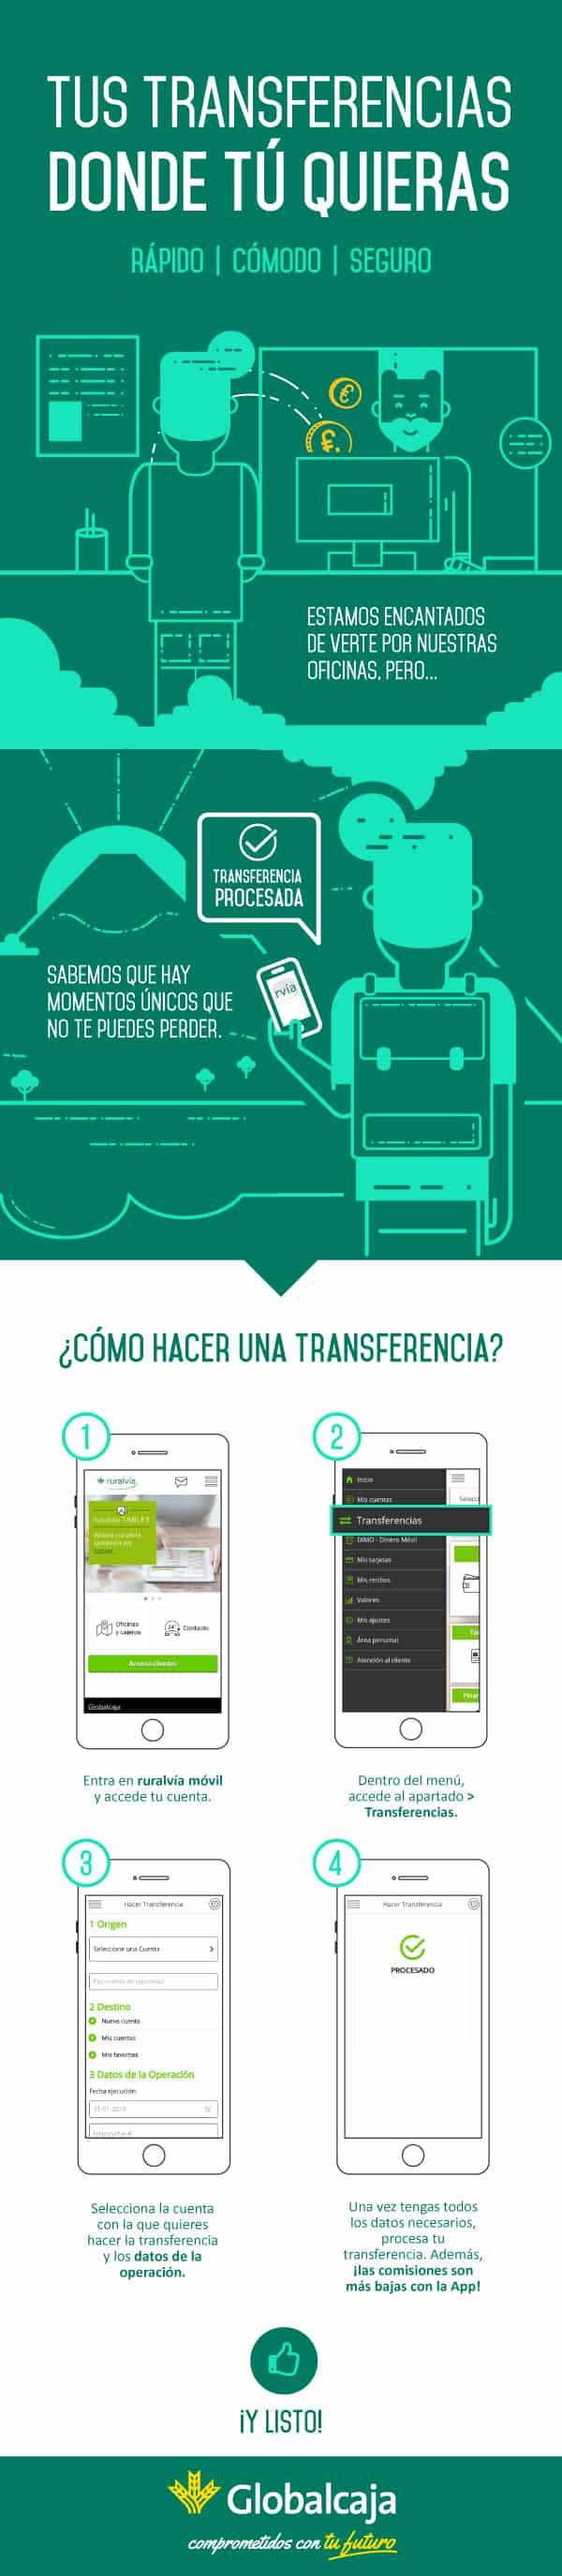 Infografía Transferencias Globalcaja